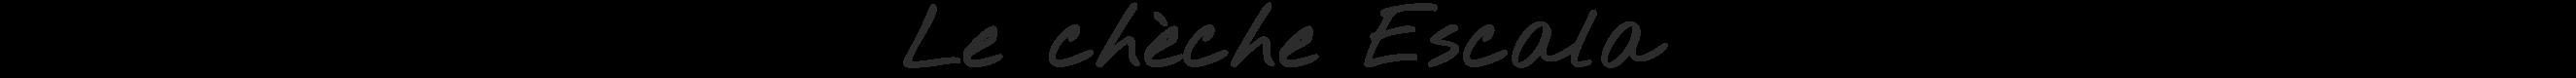 http://lookbook.allee-du-foulard.fr/wp-content/uploads/2018/06/0679-ADF-Accessoires-de-mode-LB-Coll_geometrique-Titre-cheche_escala-2650x80.png